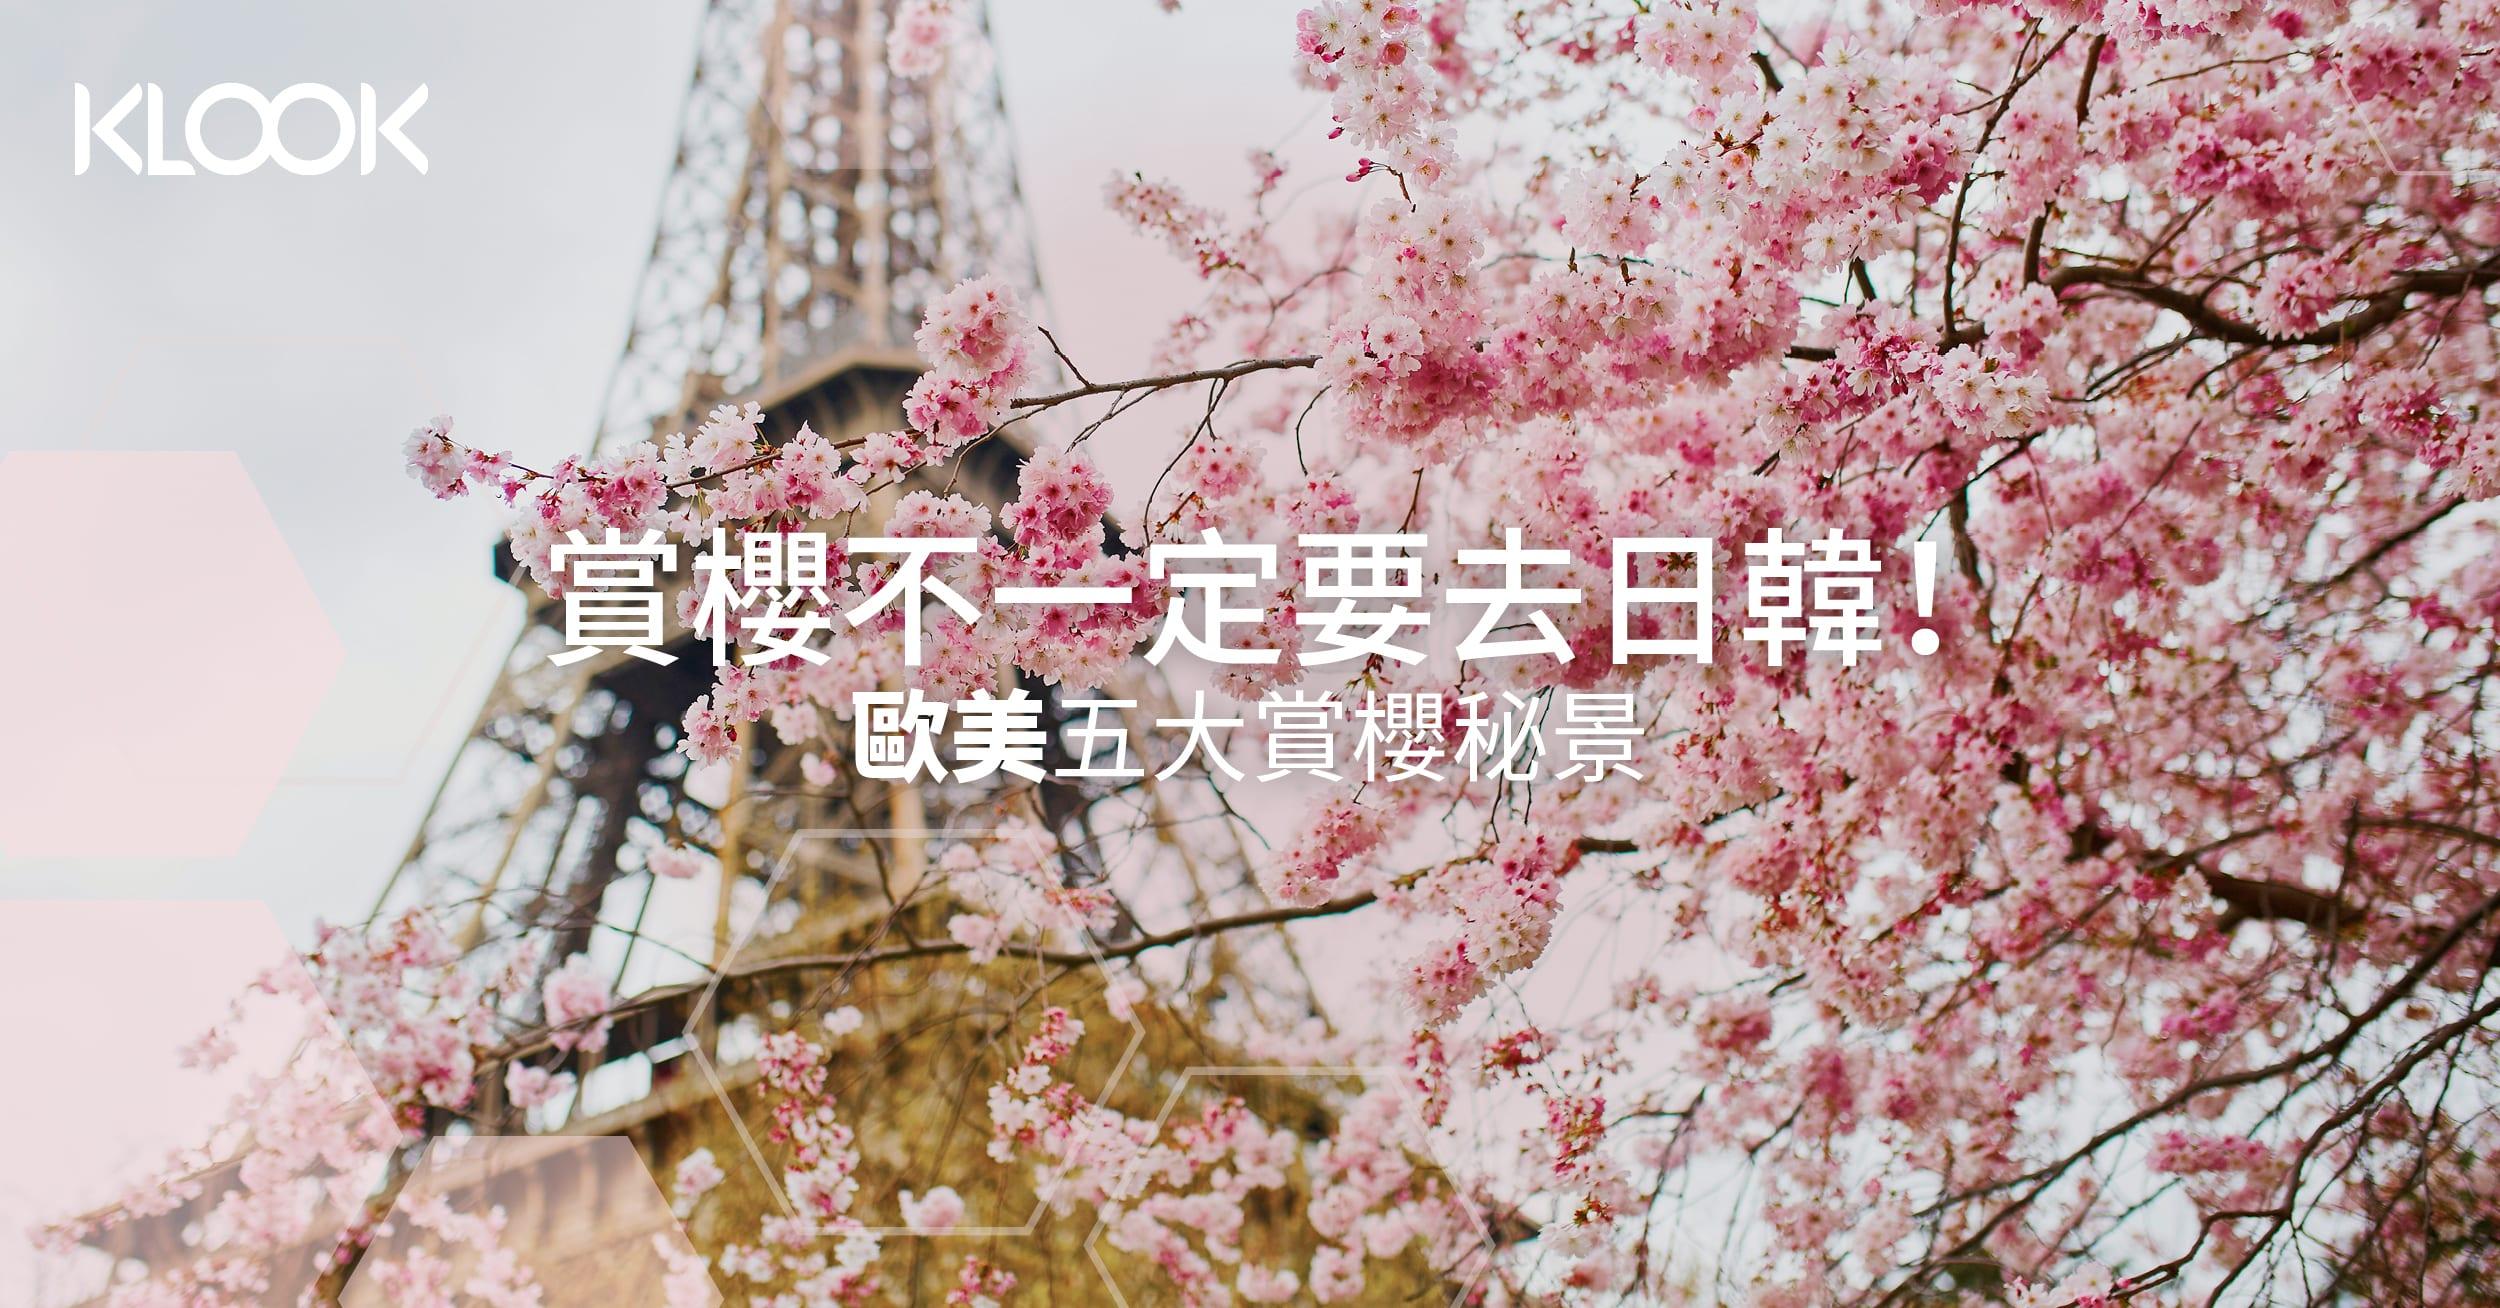 190220 Blog cover cherry blossom7